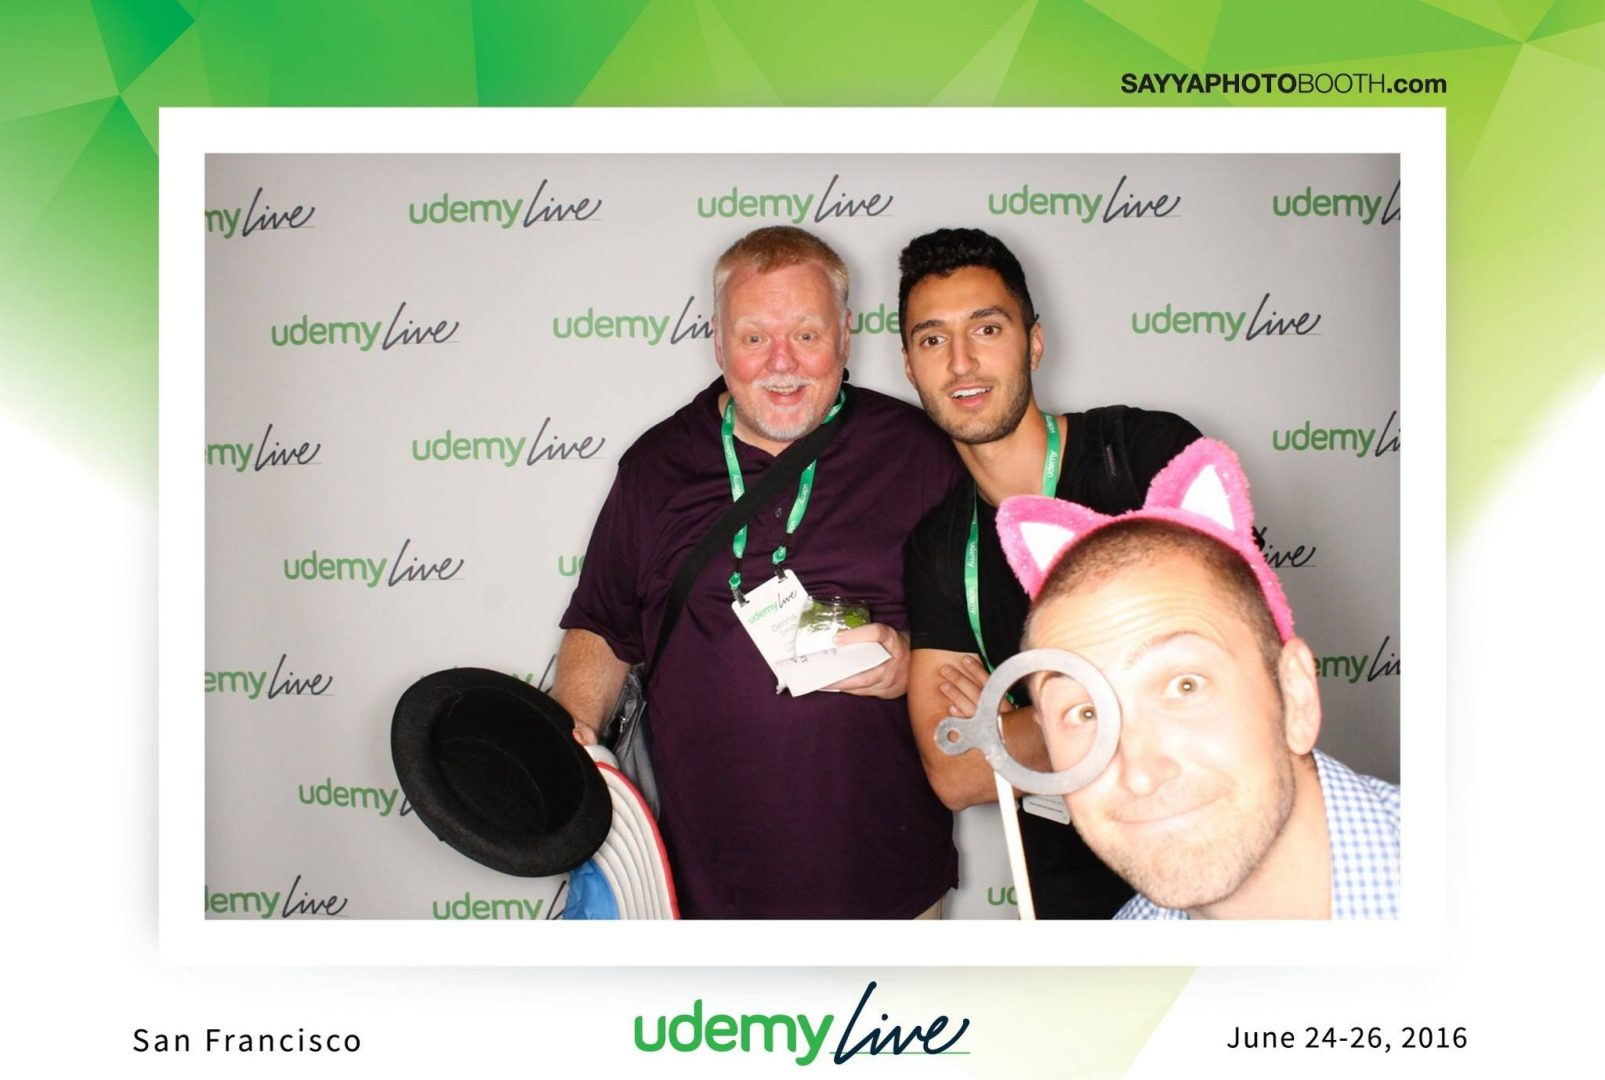 Udemy Live